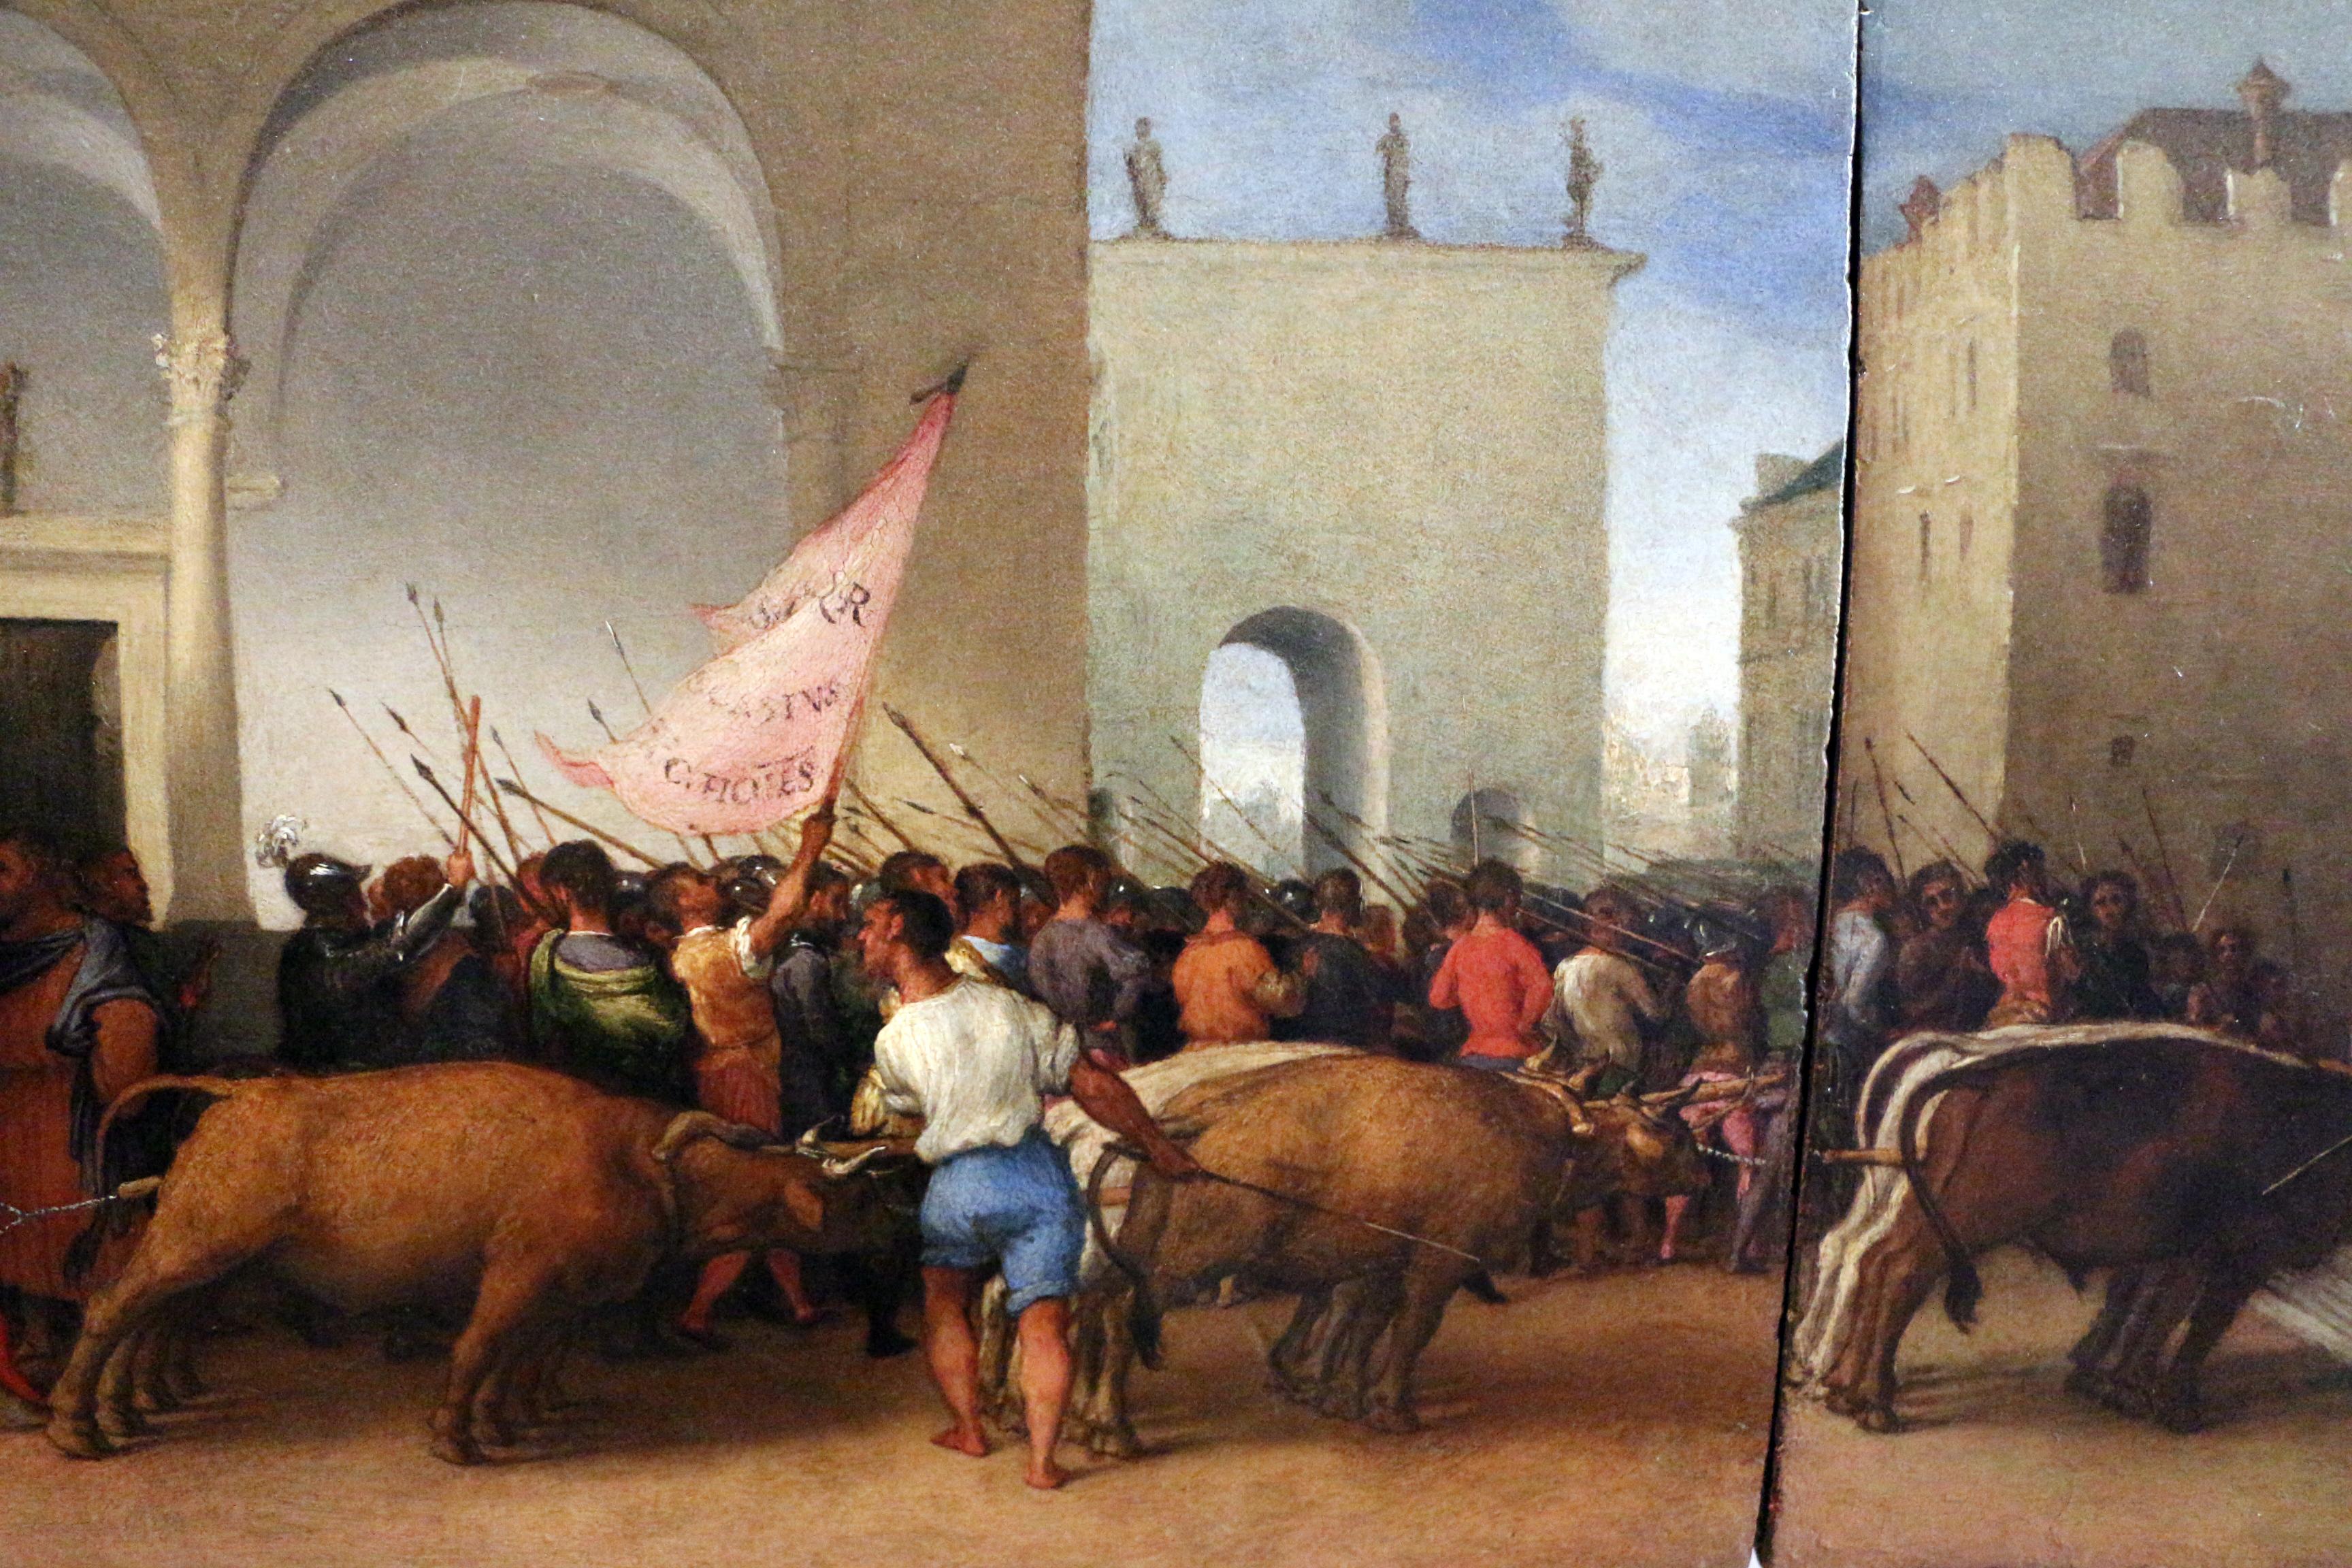 File:Lorenzo lotto, pala di santa lucia, 1523-1532, predela,